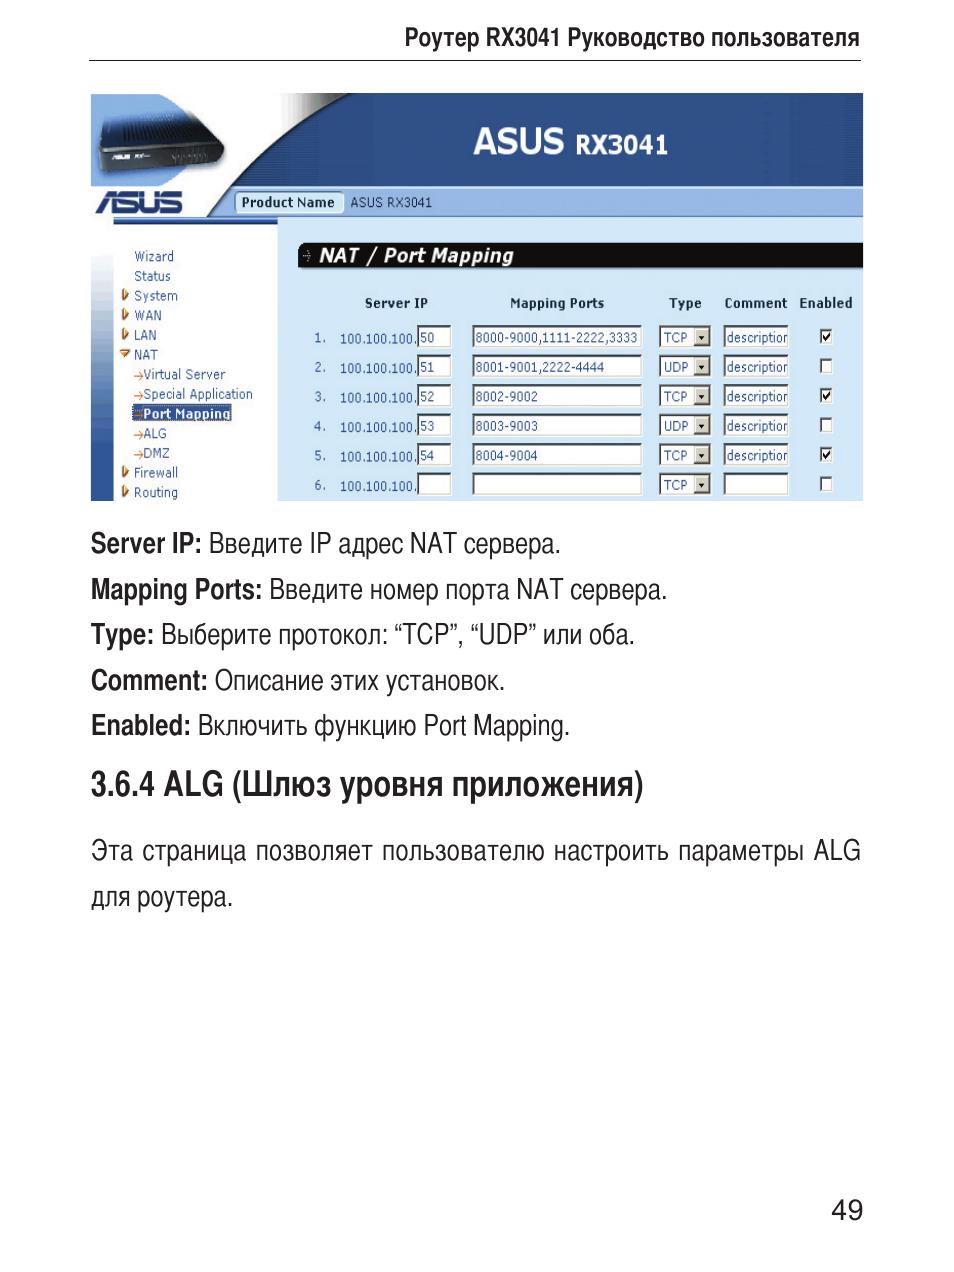 4 alg (шлюз уровня приложения) Инструкция по эксплуатации Asus RX3041 Страница 50 / 63 Оригинал